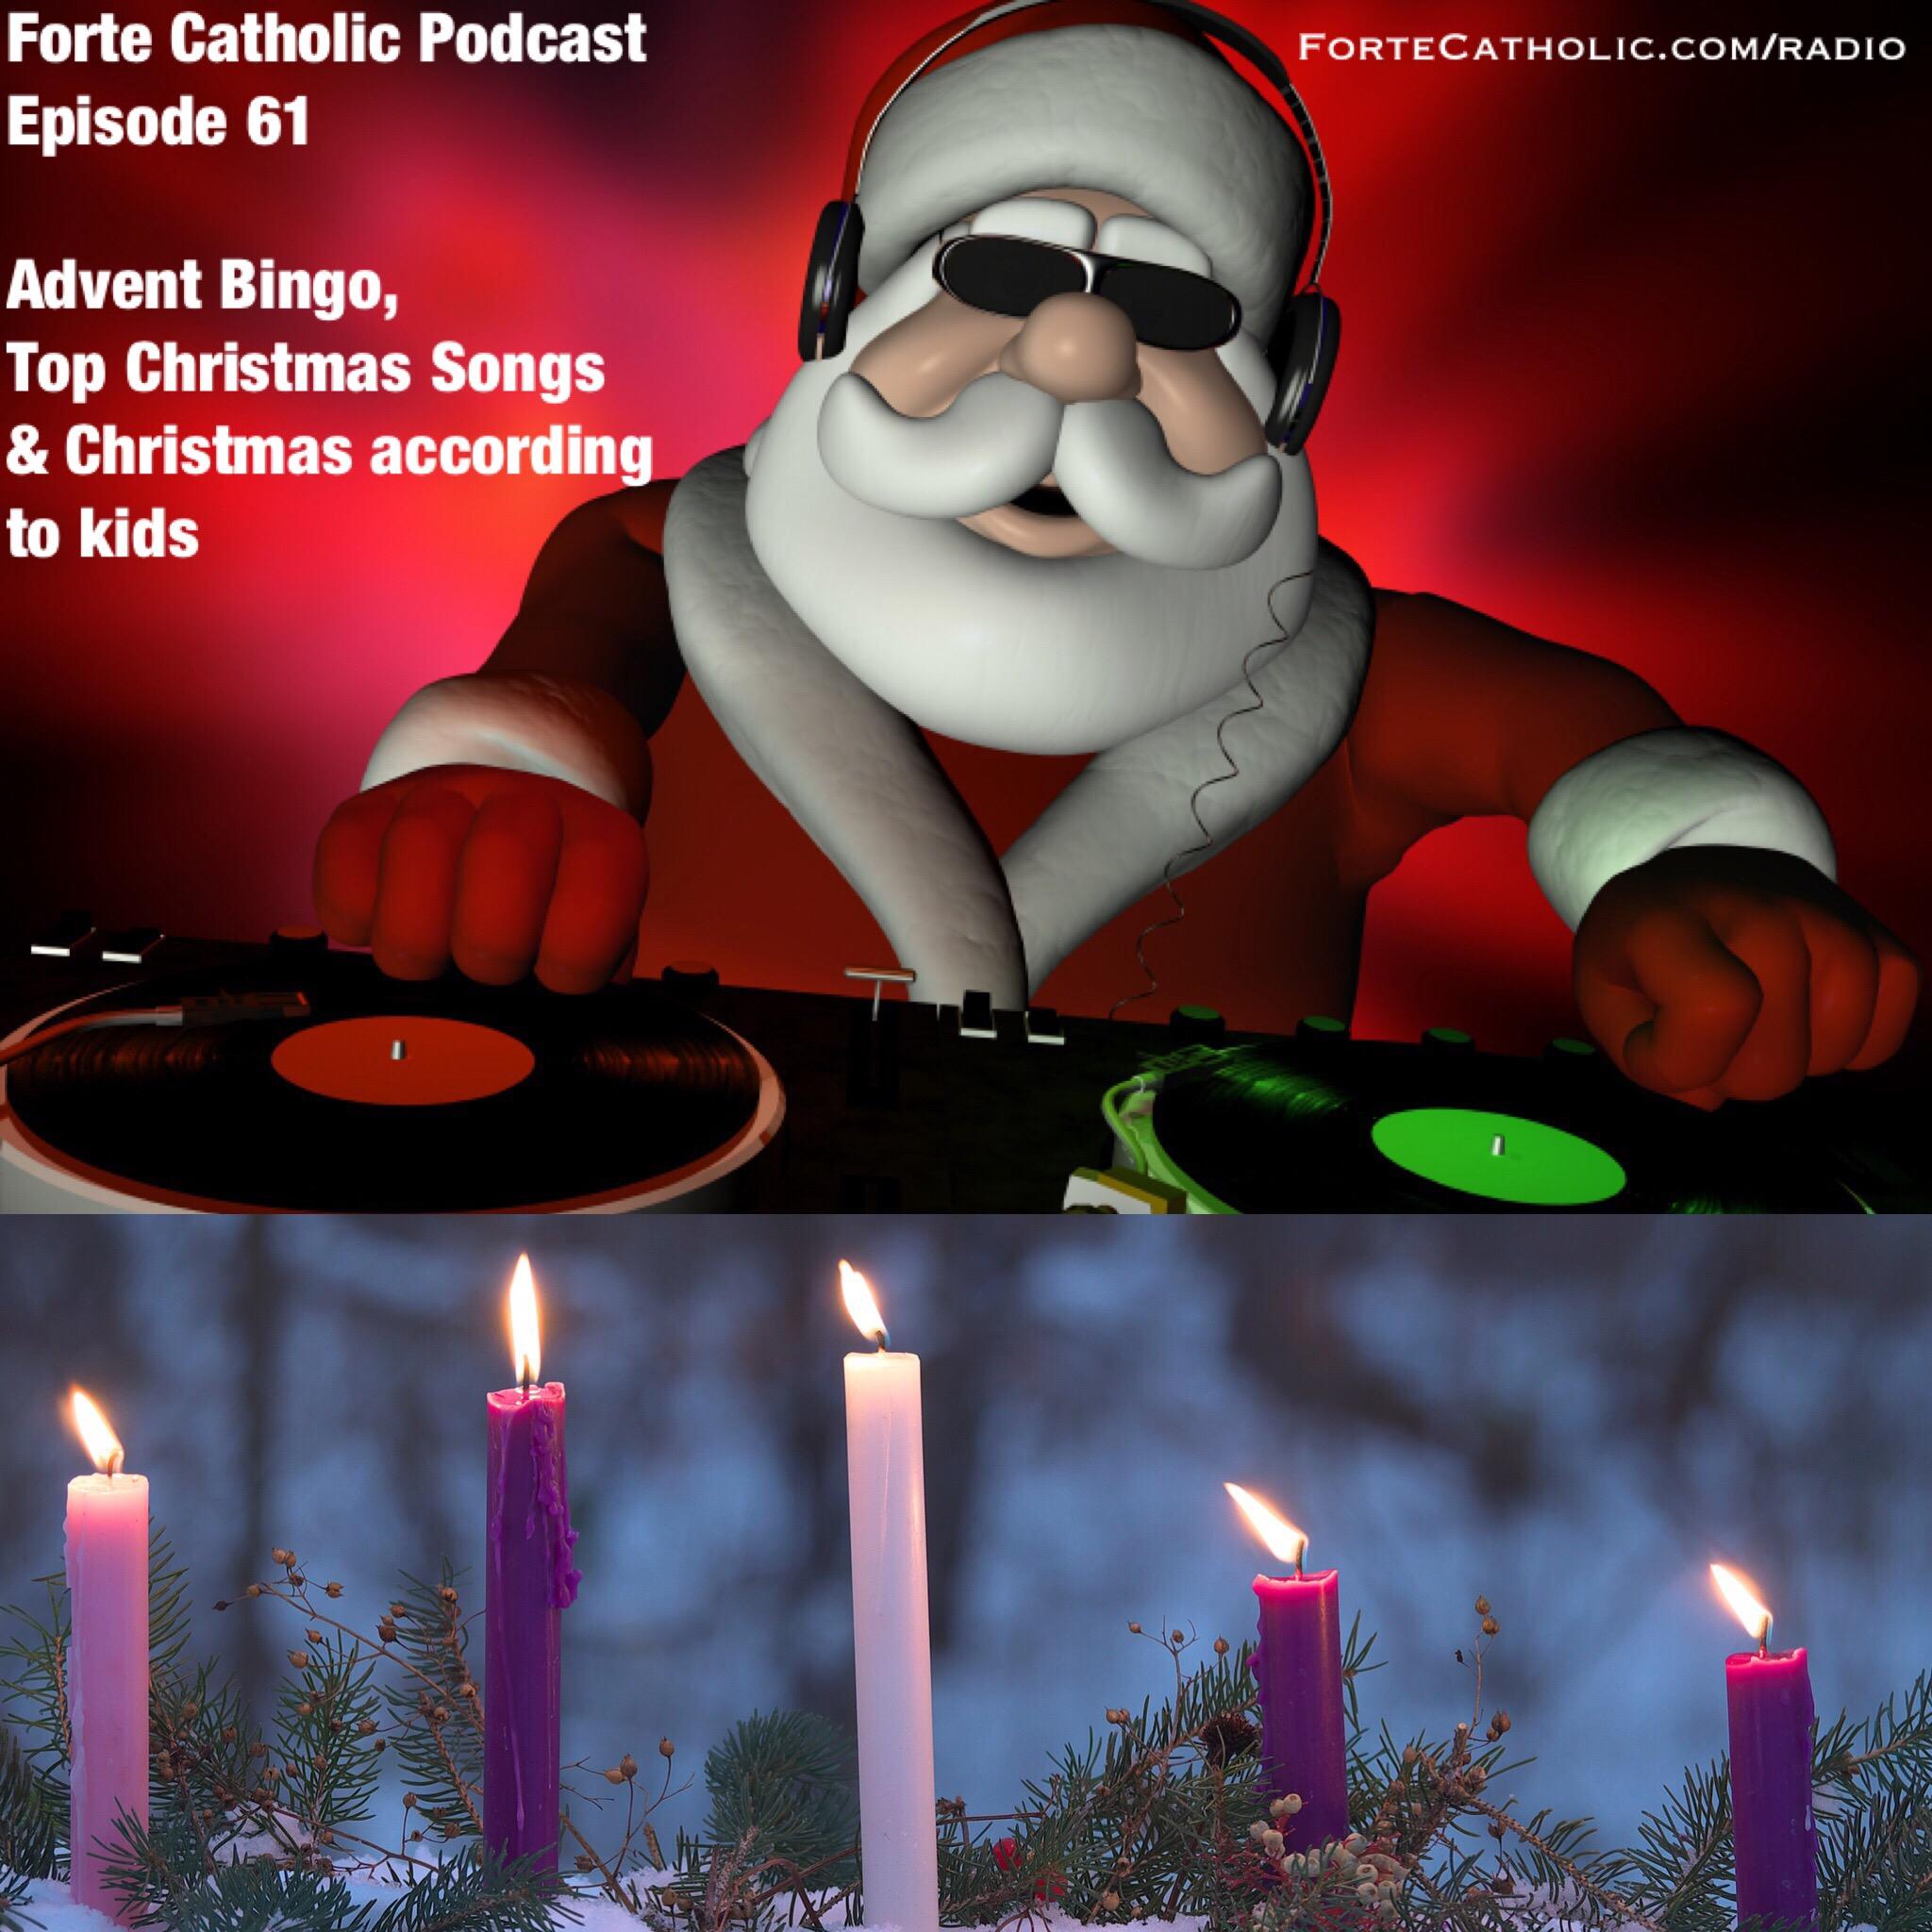 Forte Catholic Podcast Episode 61